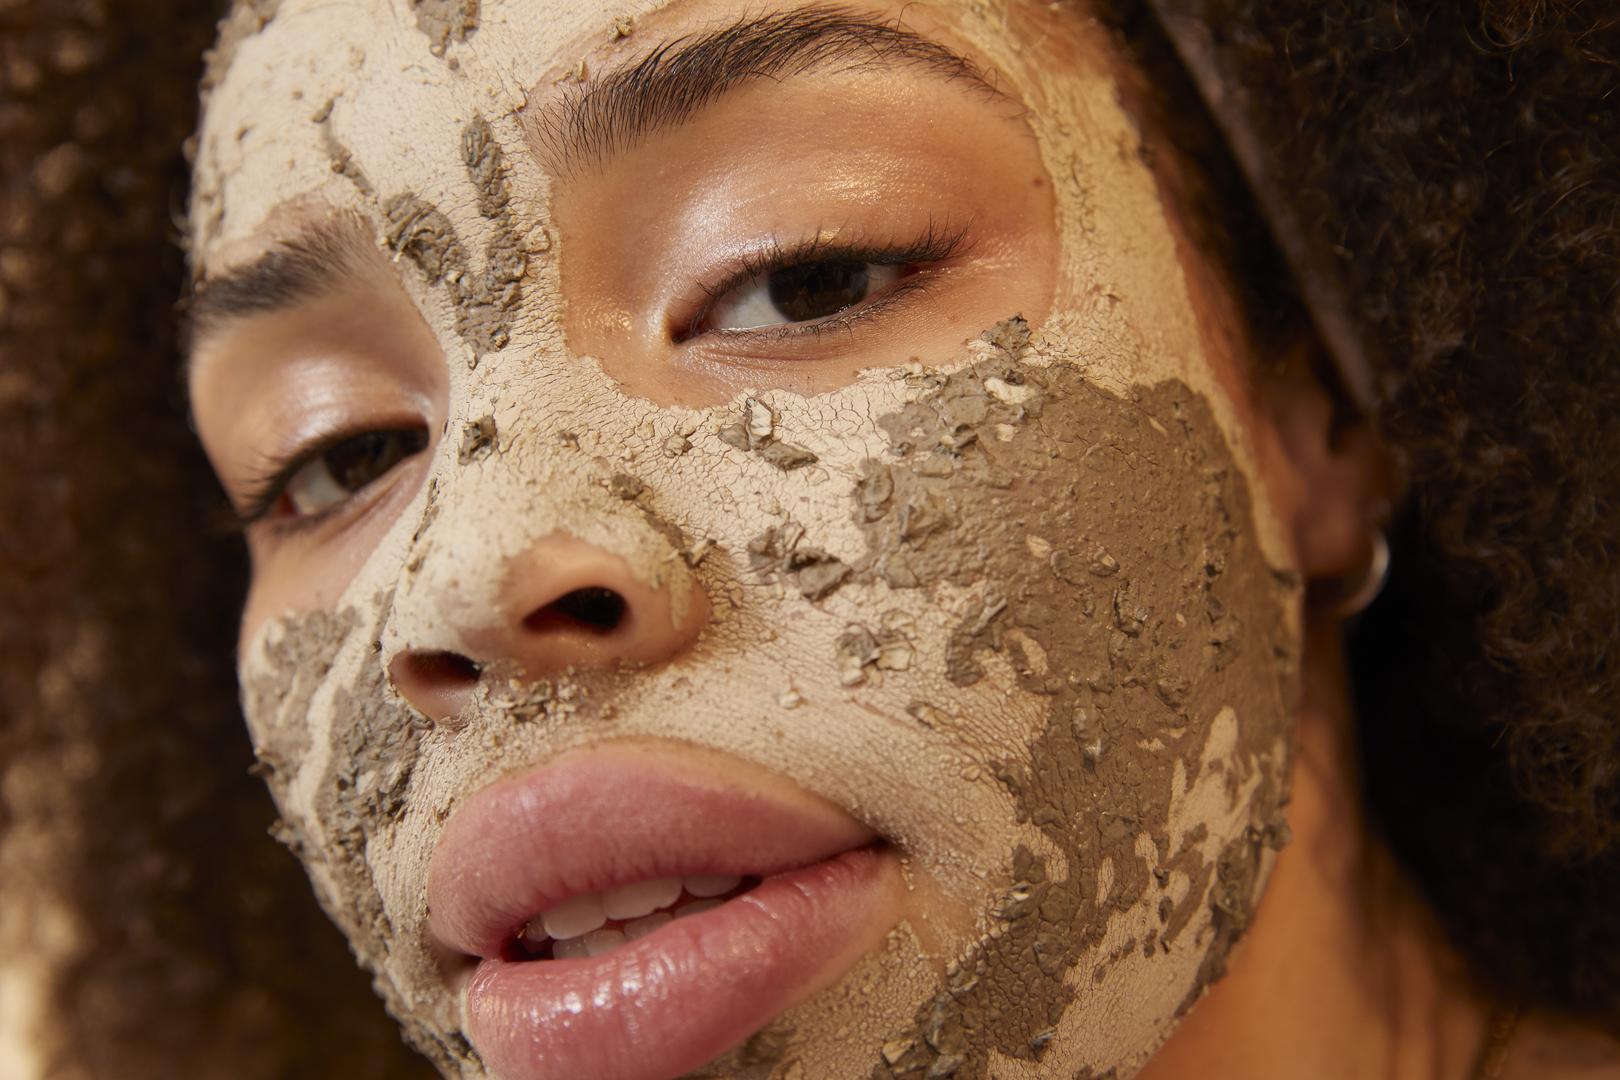 Égő arc a maszk után a badyaga-ból